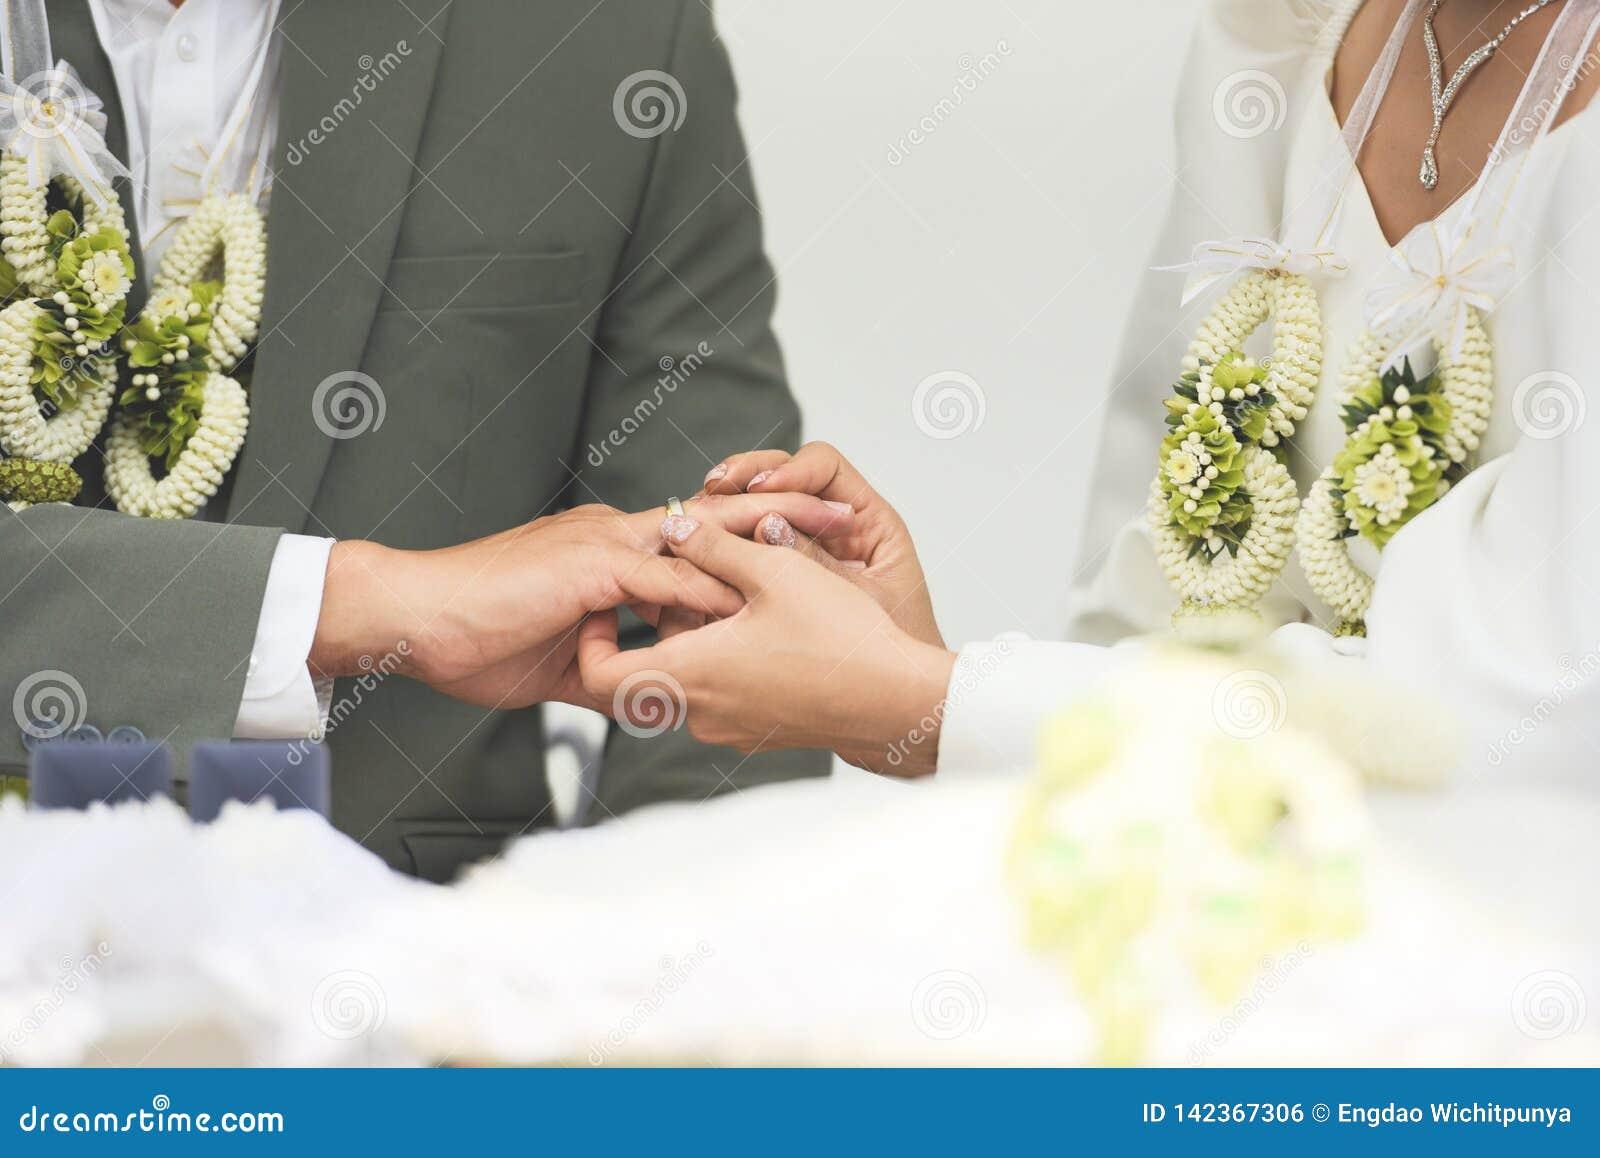 Η νύφη φορά ένα γαμήλιο δαχτυλίδι στο νεόνυμφο στο δεξί δάχτυλο δαχτυλιδιών στη ημέρα γάμου της